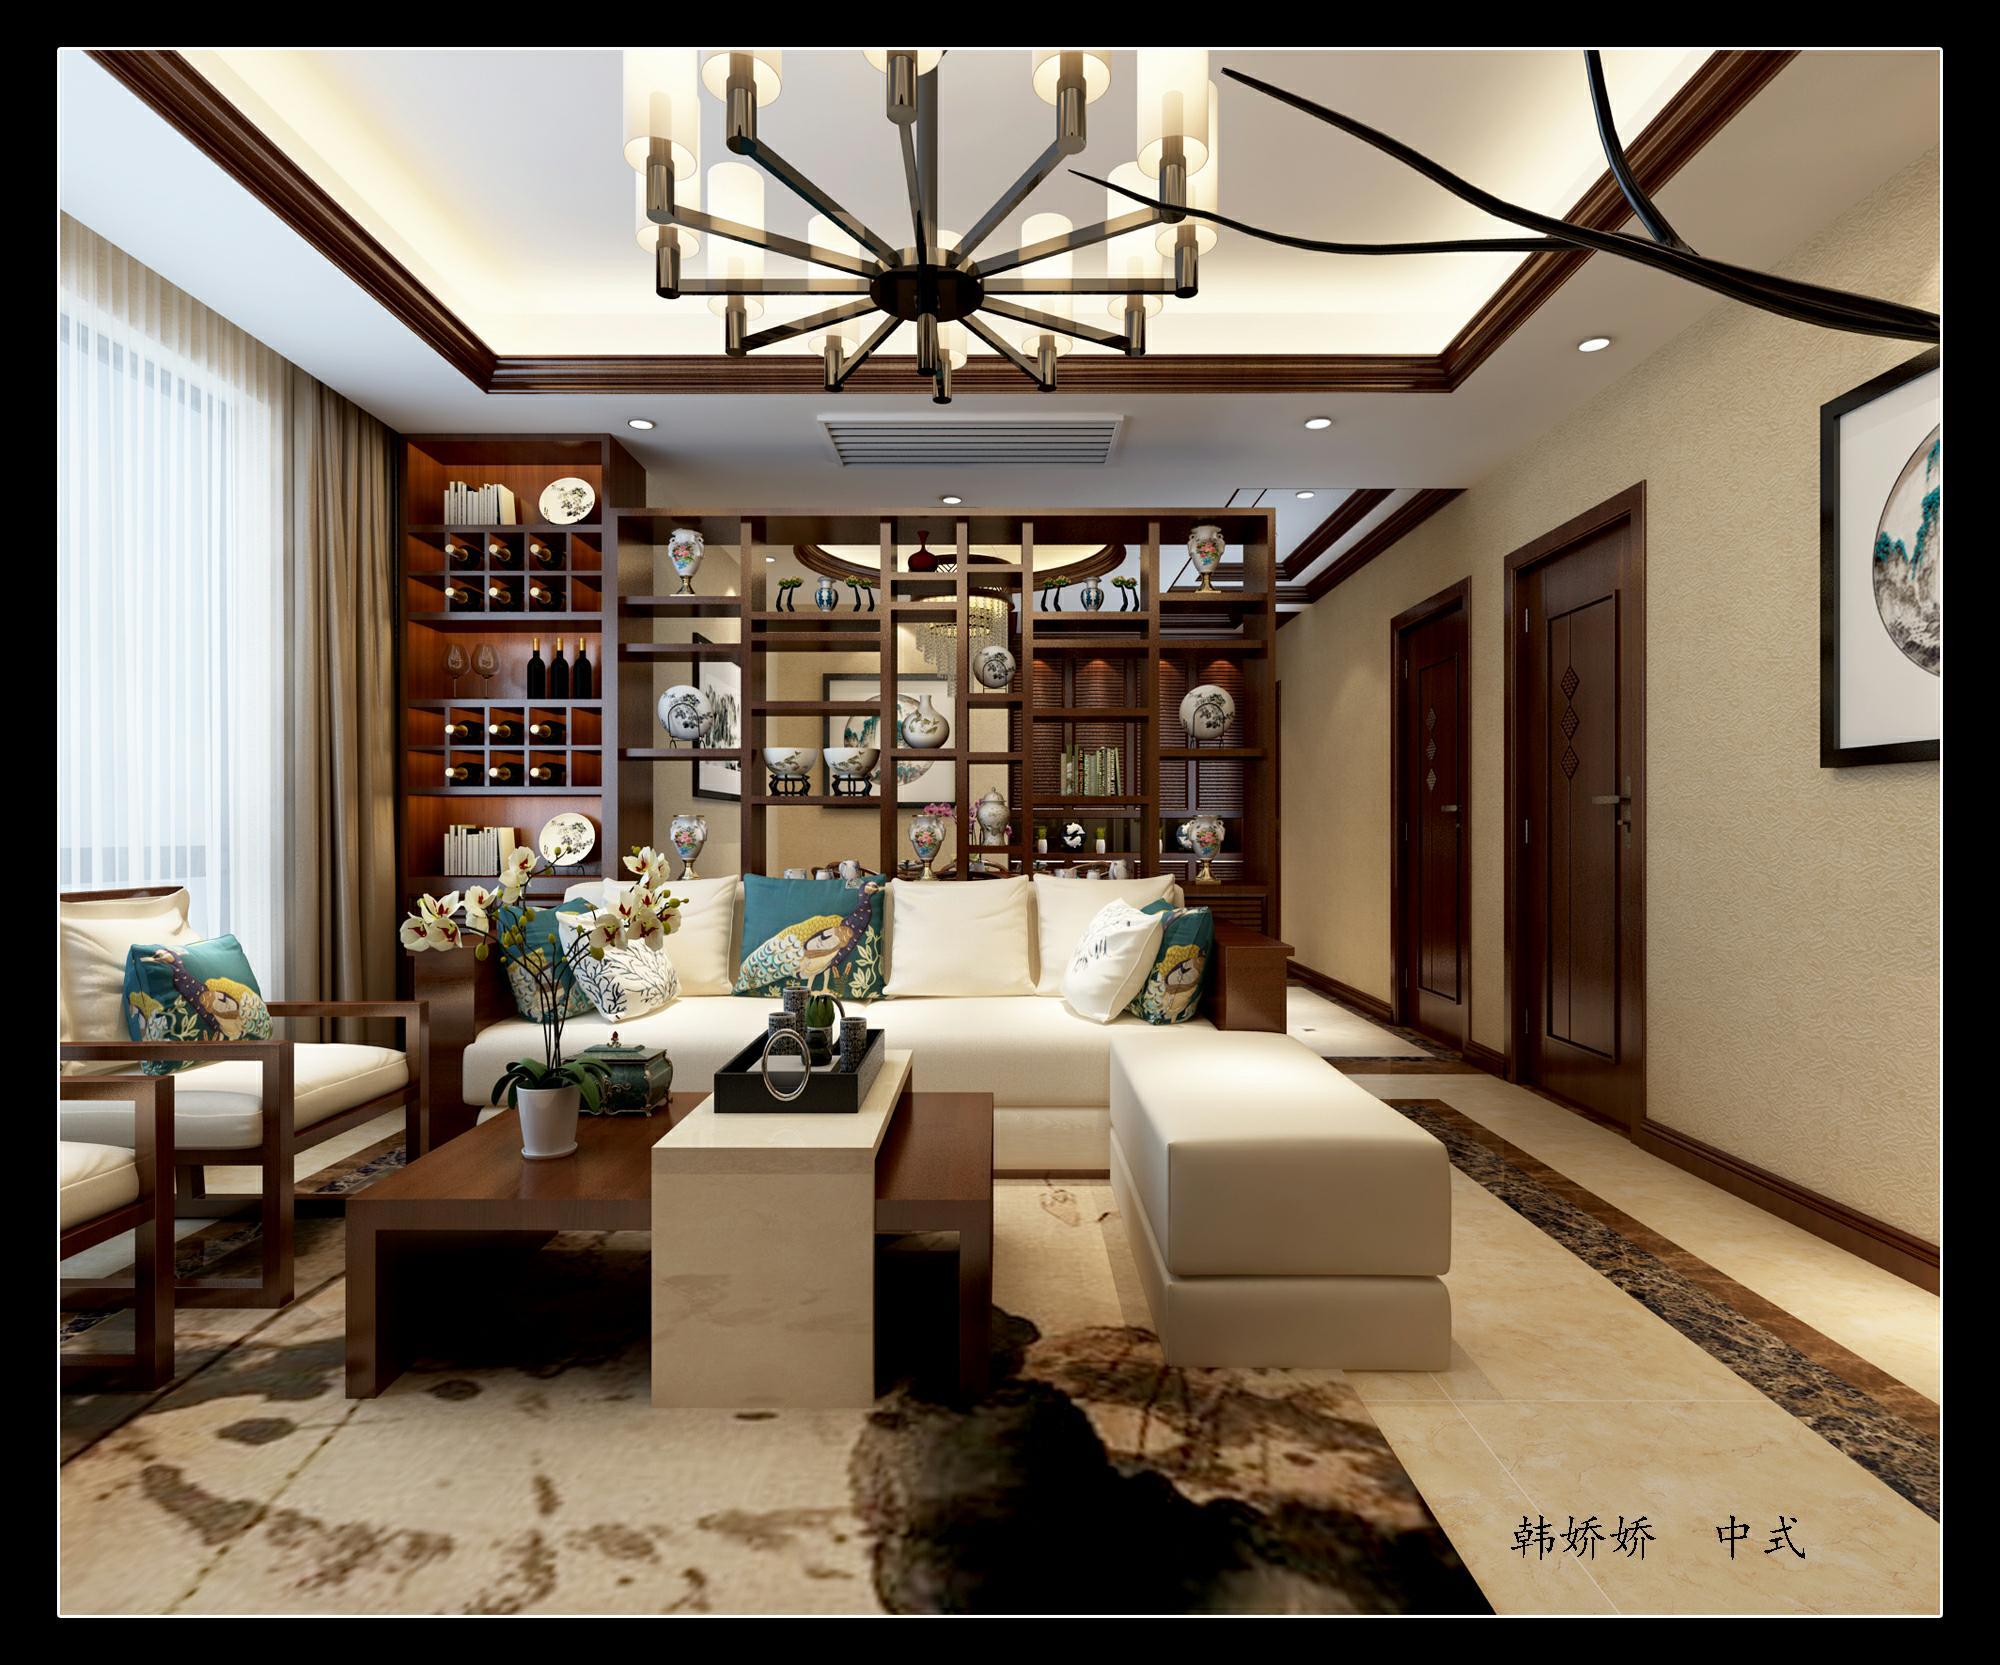 白桦林间138新中式风格装修效果图